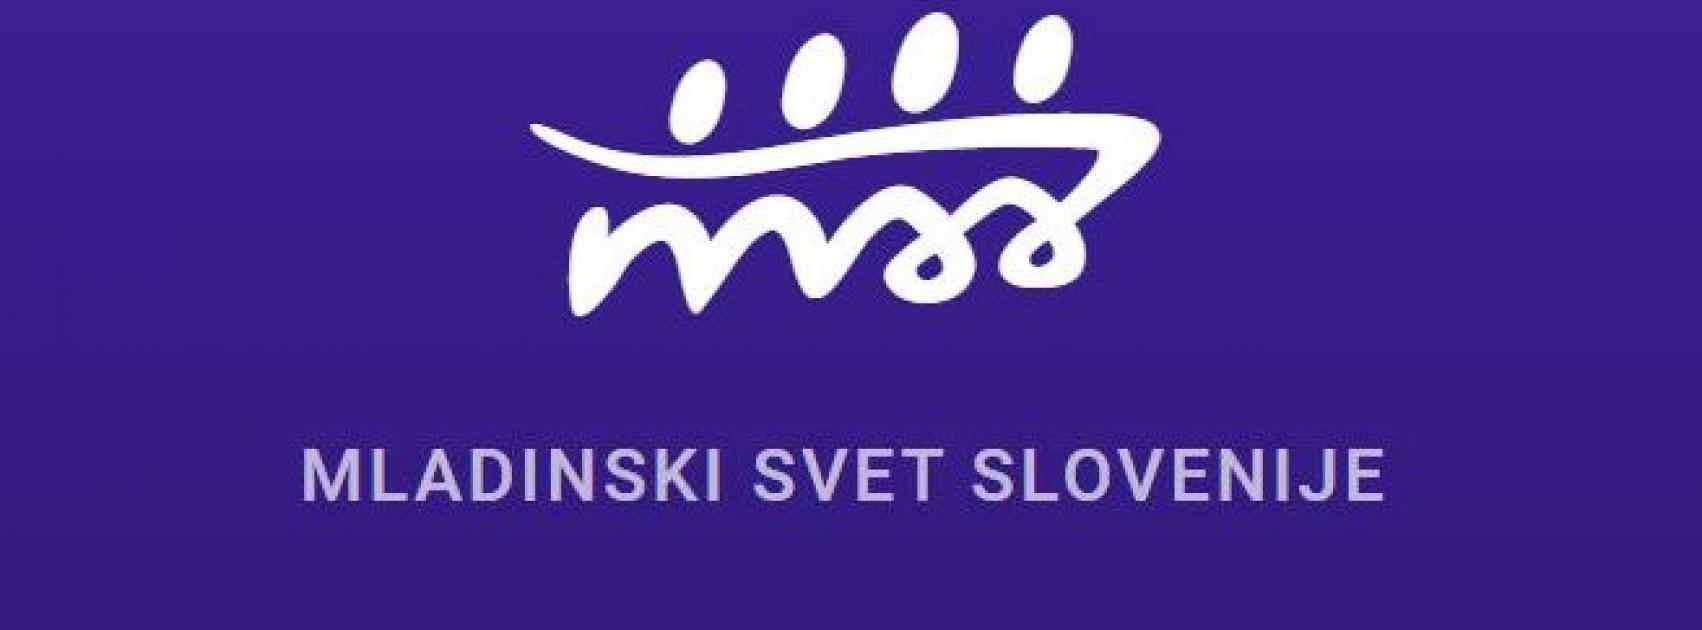 mladinski-svet-slovenije-logo-e1504802762851_0.jpg